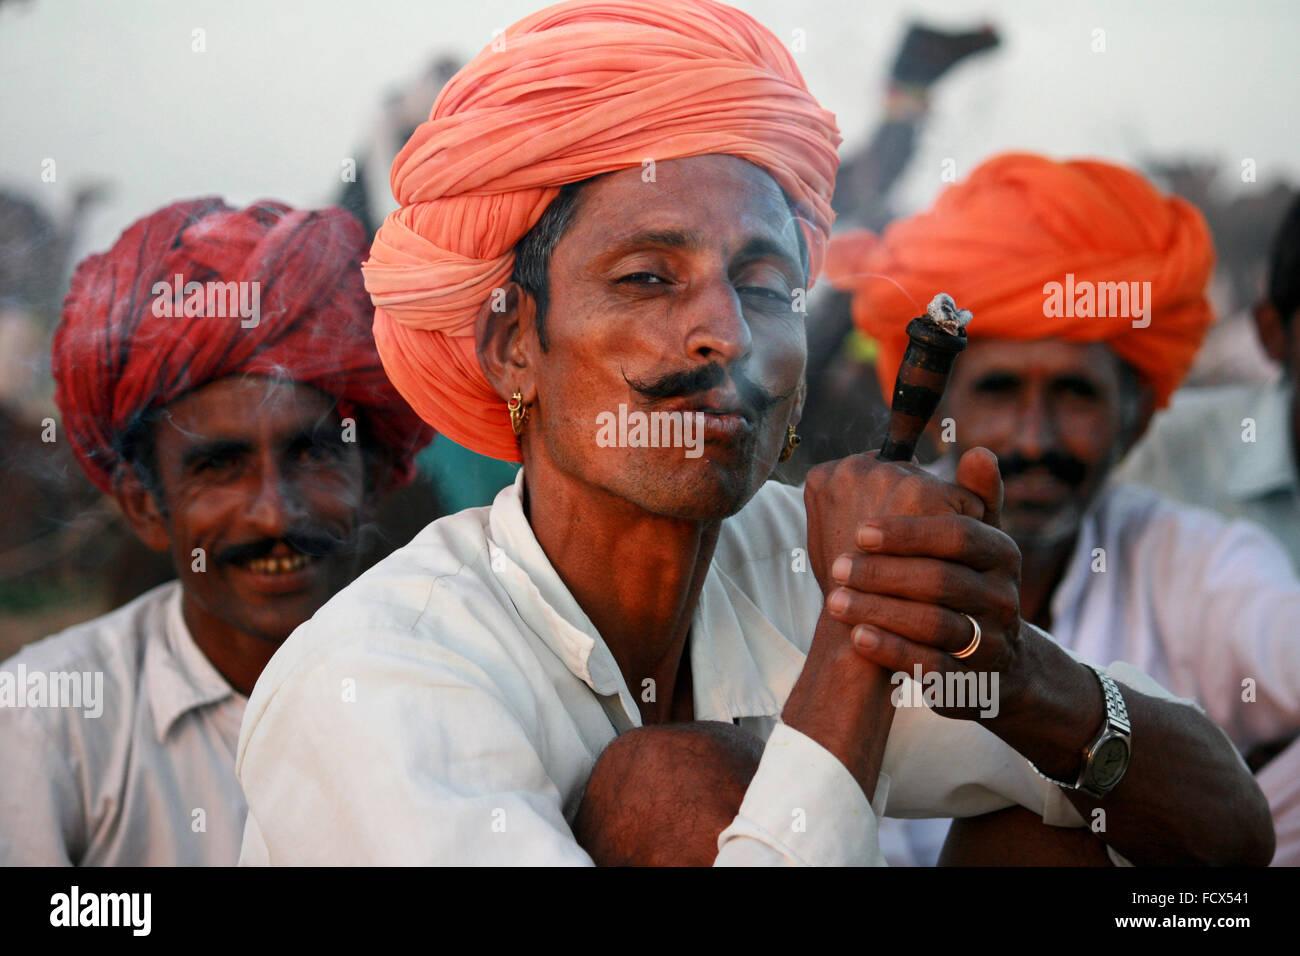 Râjasthânî chameliers fumeurs chillum, avec turban orange , à Pushkar, Rajasthan Banque D'Images